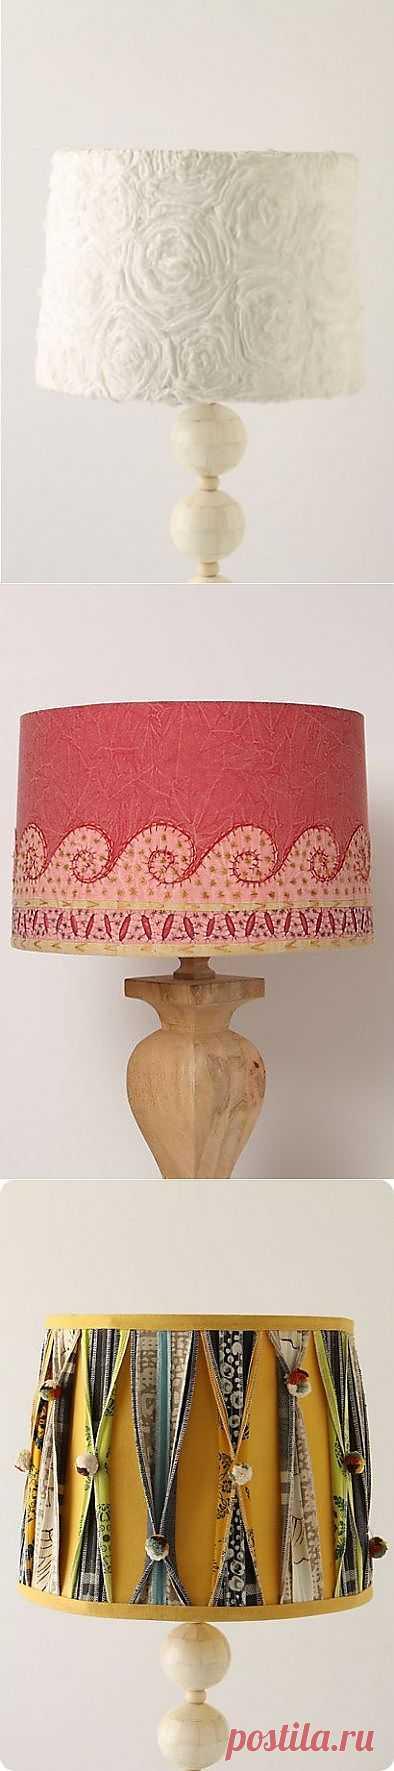 Текстильные лампы Anthropologie (подборка) / Освещение / Модный сайт о стильной переделке одежды и интерьера